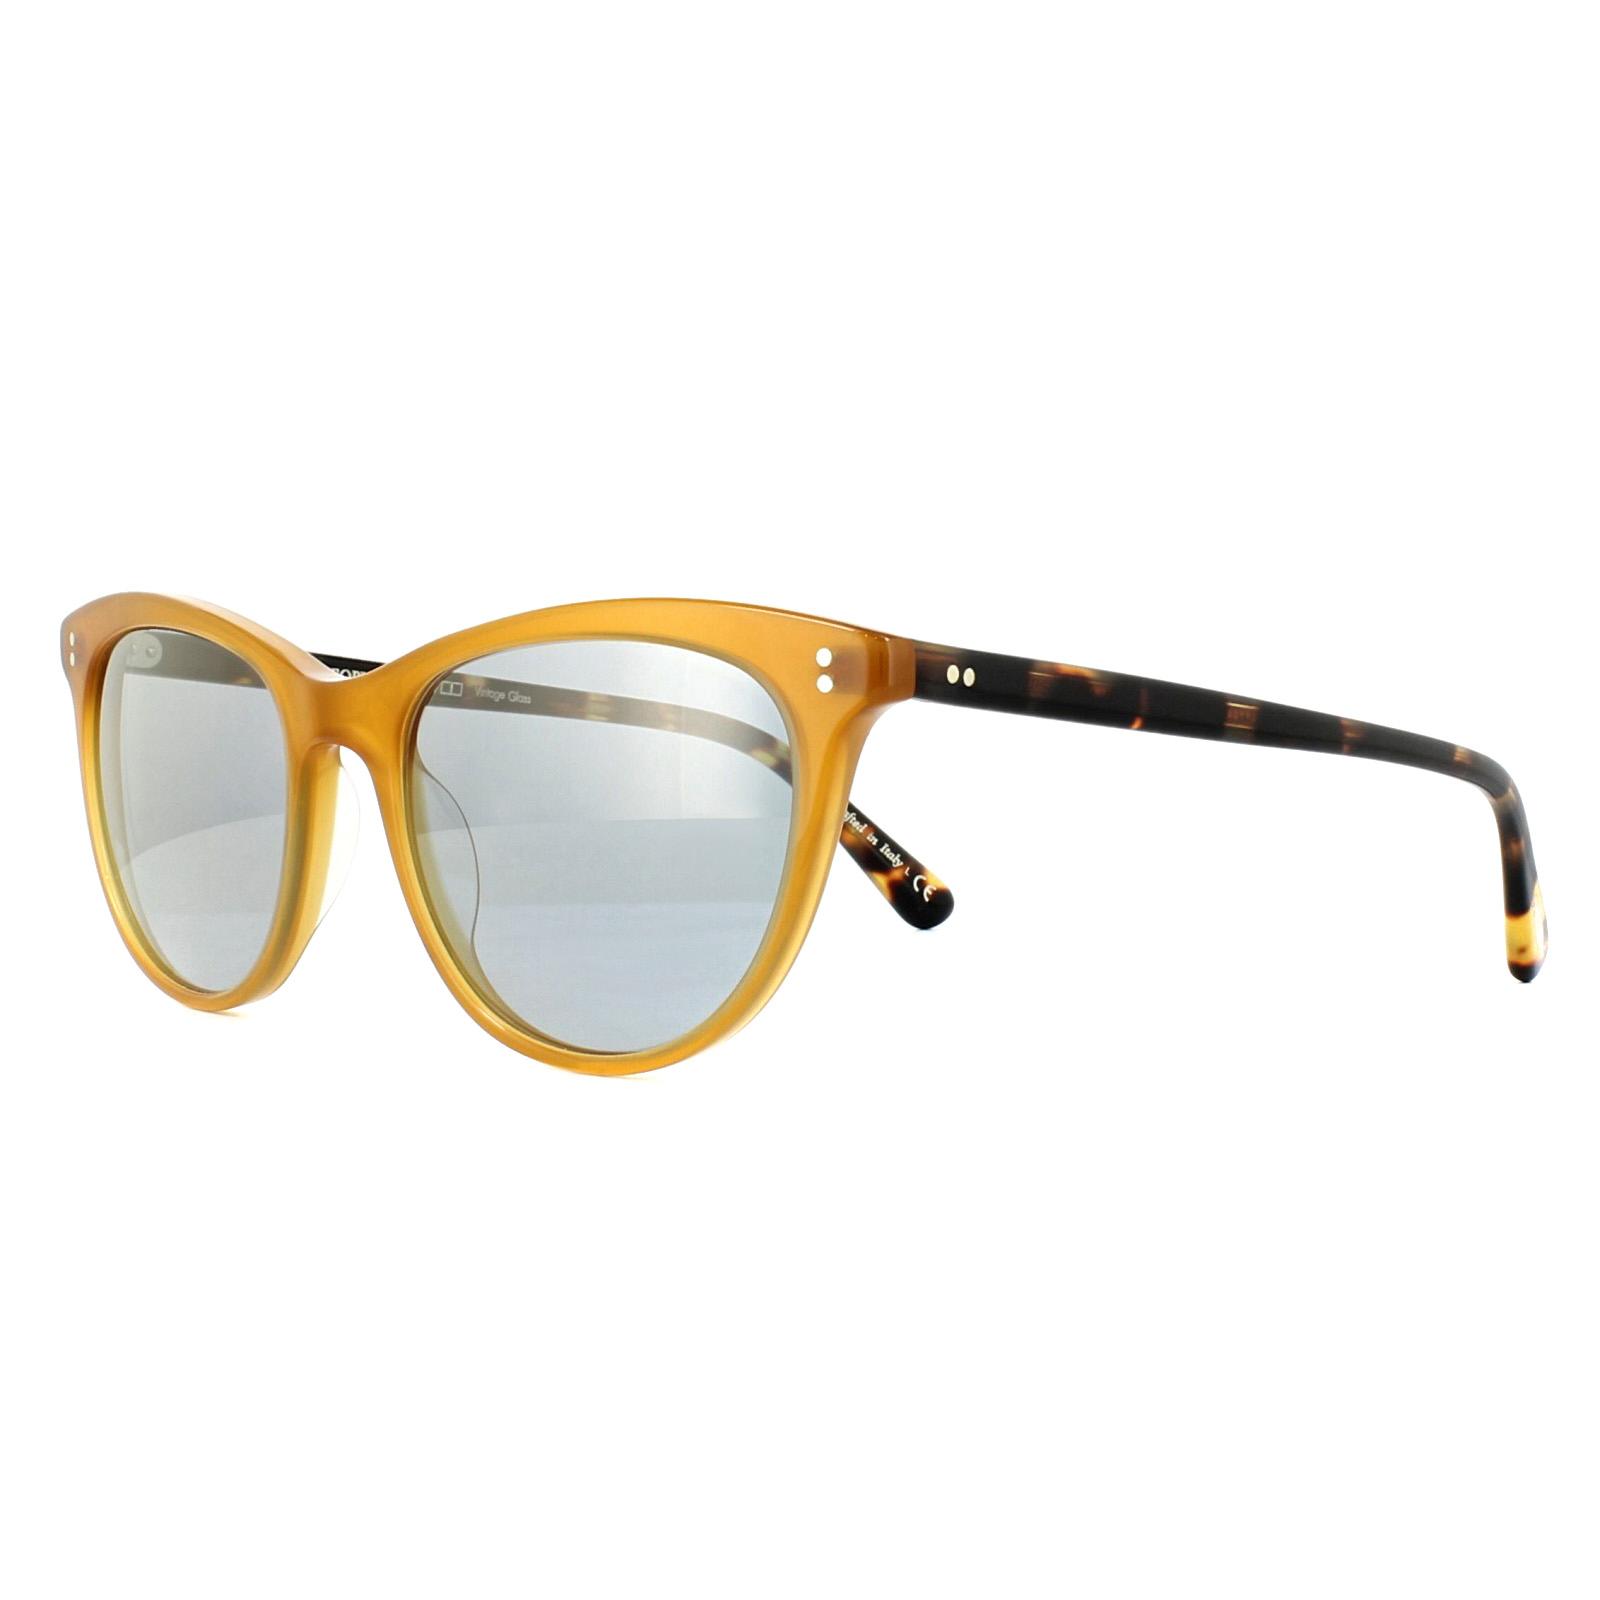 083903deebac2 Sentinel Oliver Peoples Sunglasses Jardinette OV5276SU 1590Y5 Amber Blue  Goldtone